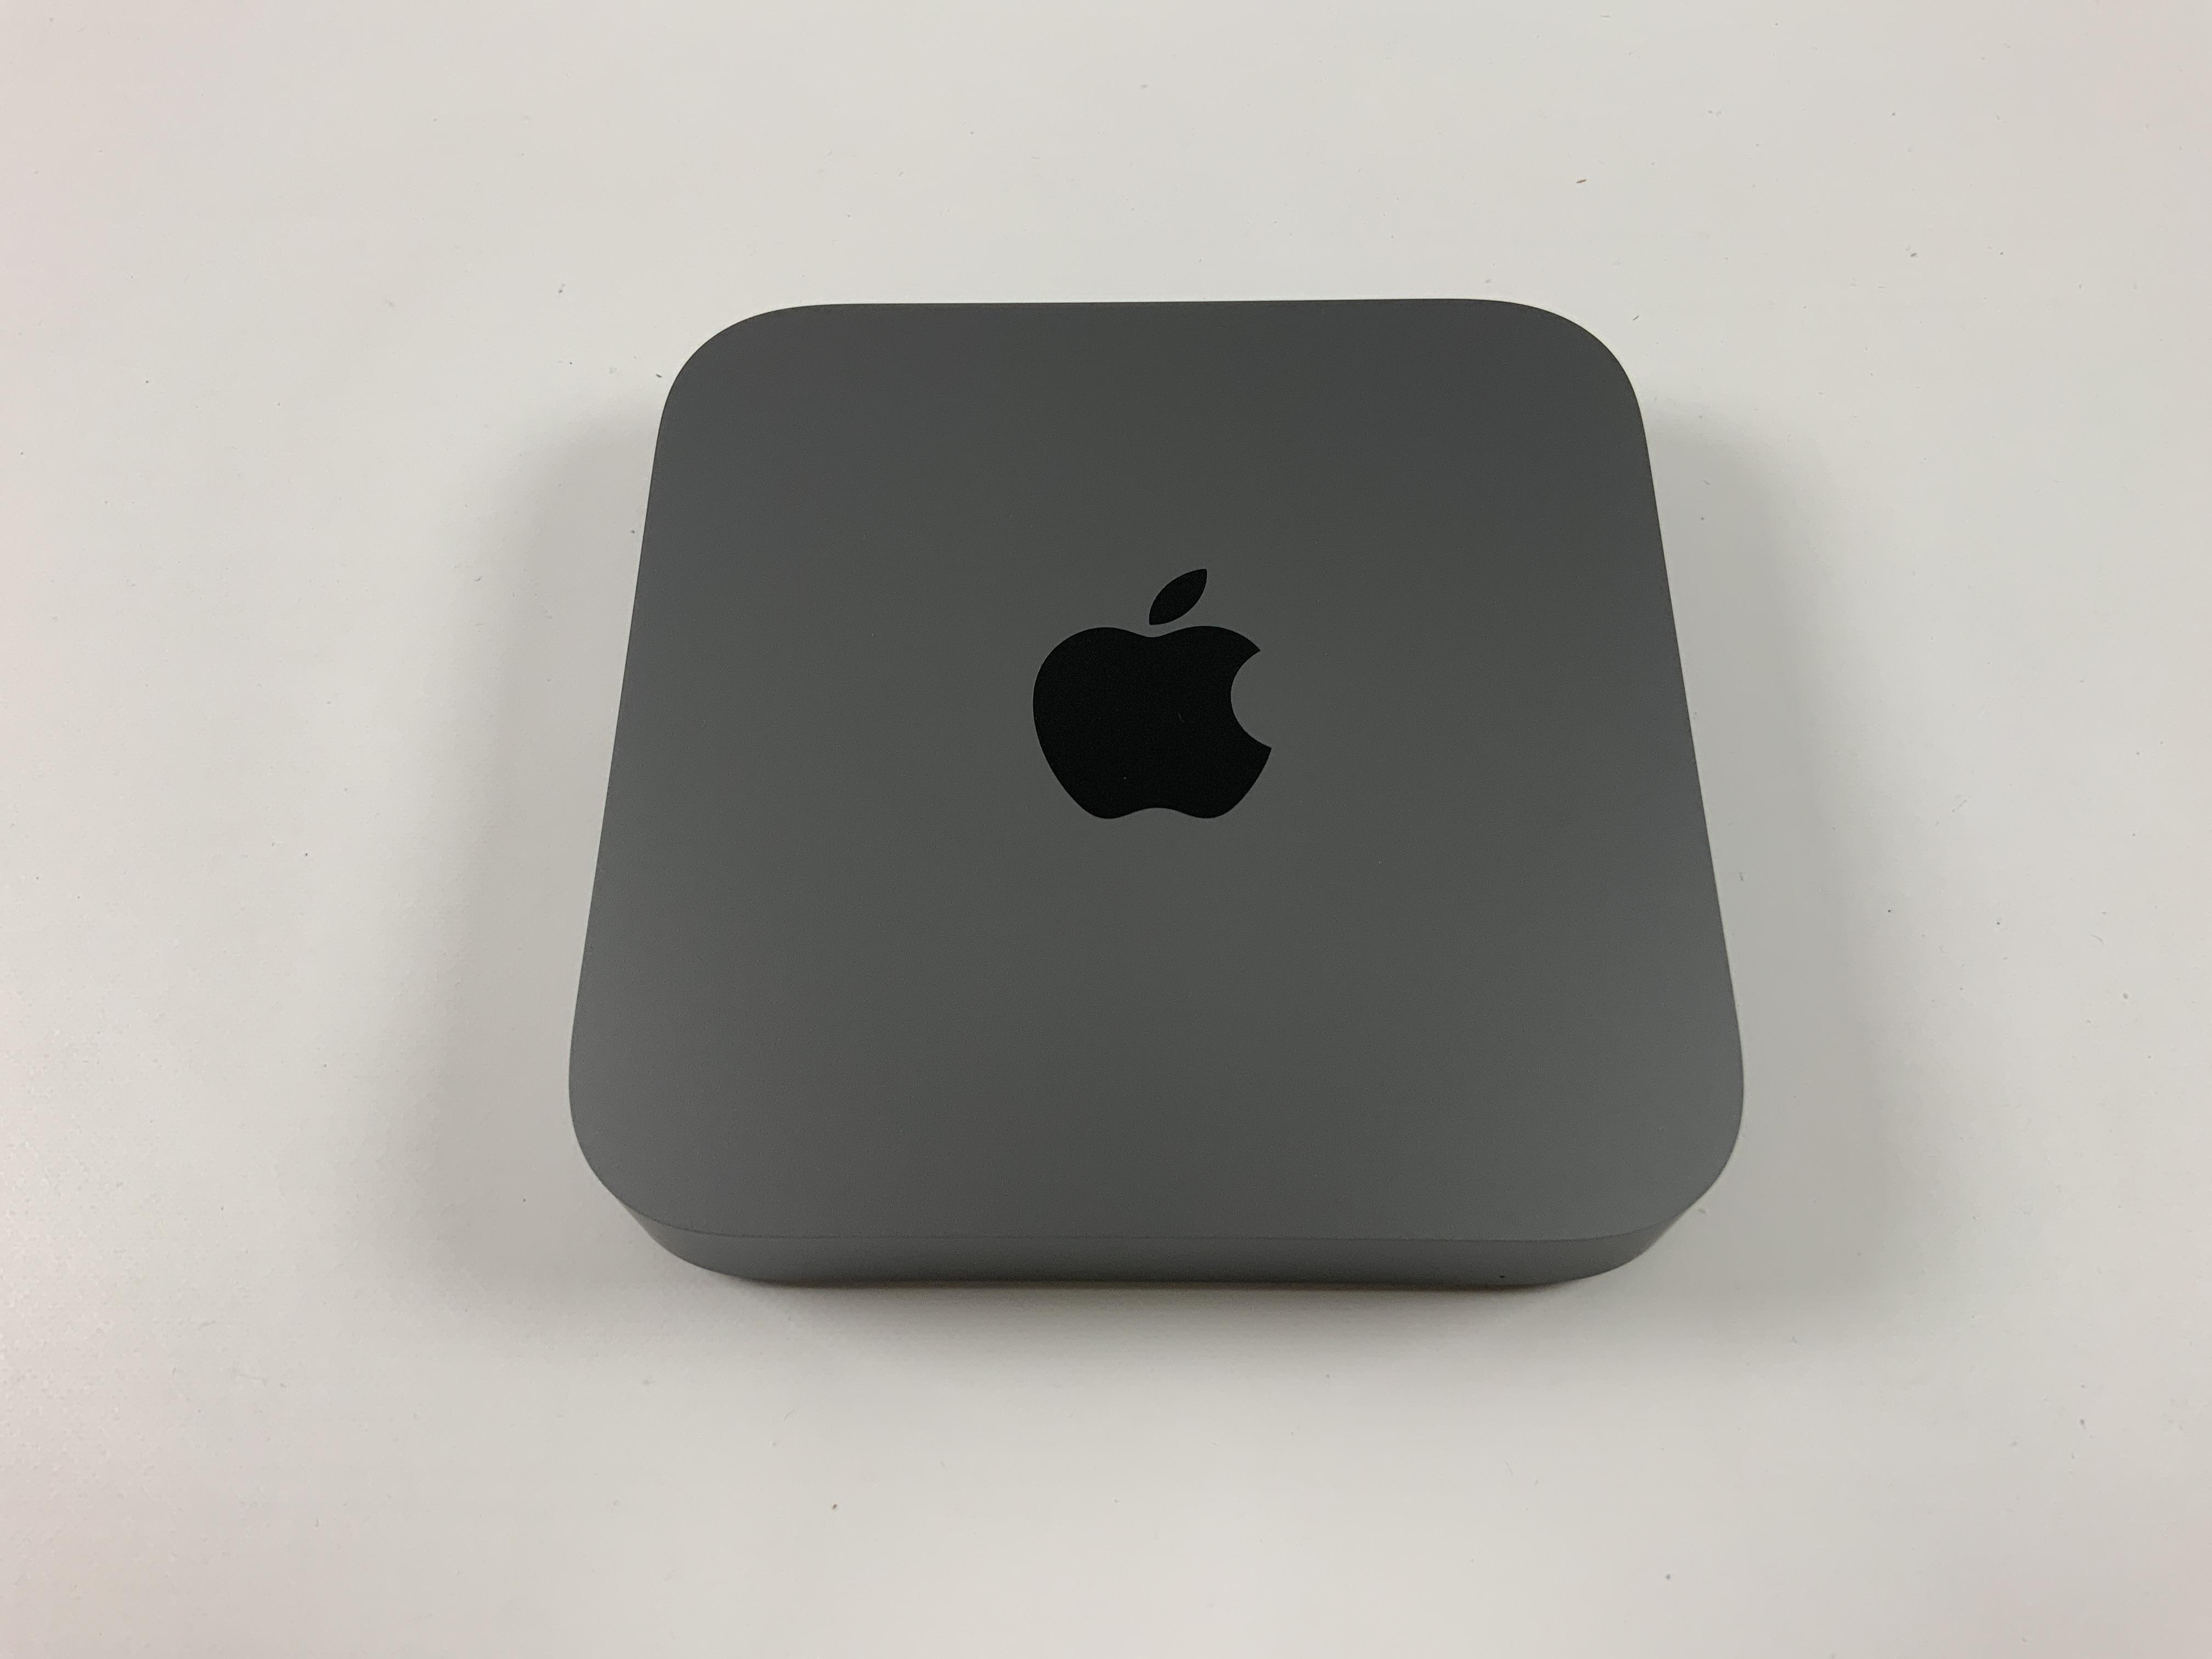 Mac Mini Late 2018 (Intel Quad-Core i3 3.6 GHz 8 GB RAM 256 GB SSD), Intel Quad-Core i3 3.6 GHz, 8 GB RAM, 256 GB SSD, image 1